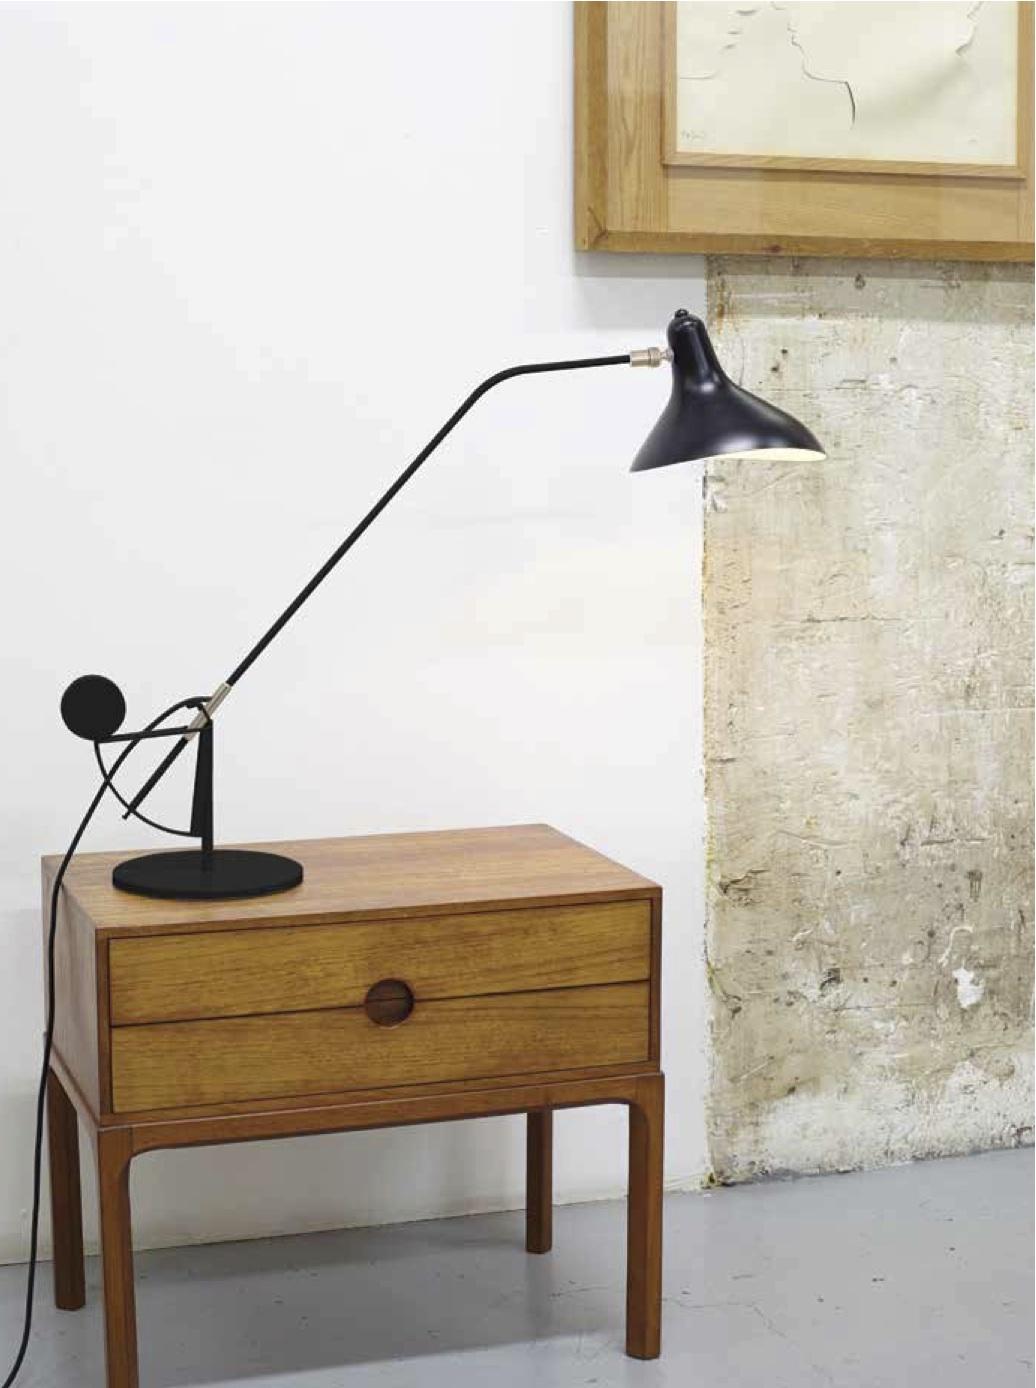 Lampe Mantis BS3 - Lampe de table - Bernard Schottlander - DCW